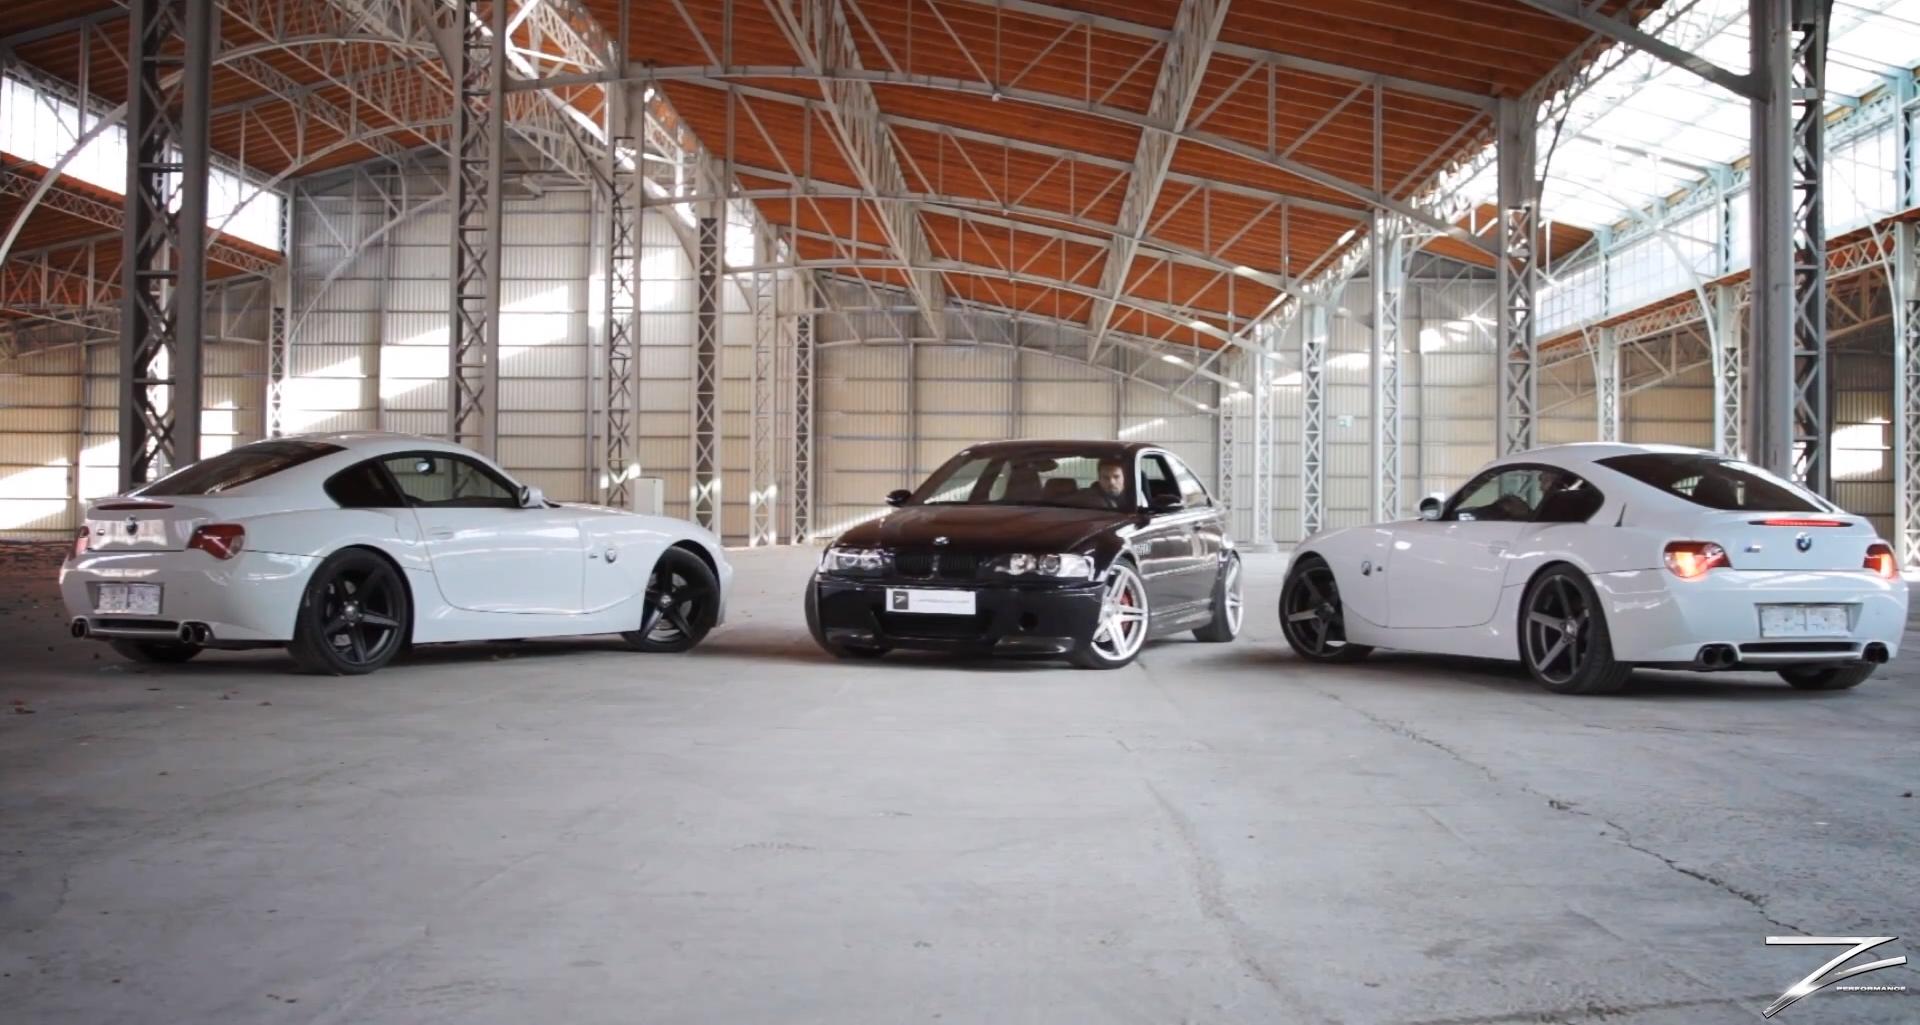 Bmw E46 M3 Vs E86 Z4 M Coupe In Z Performance Showdown